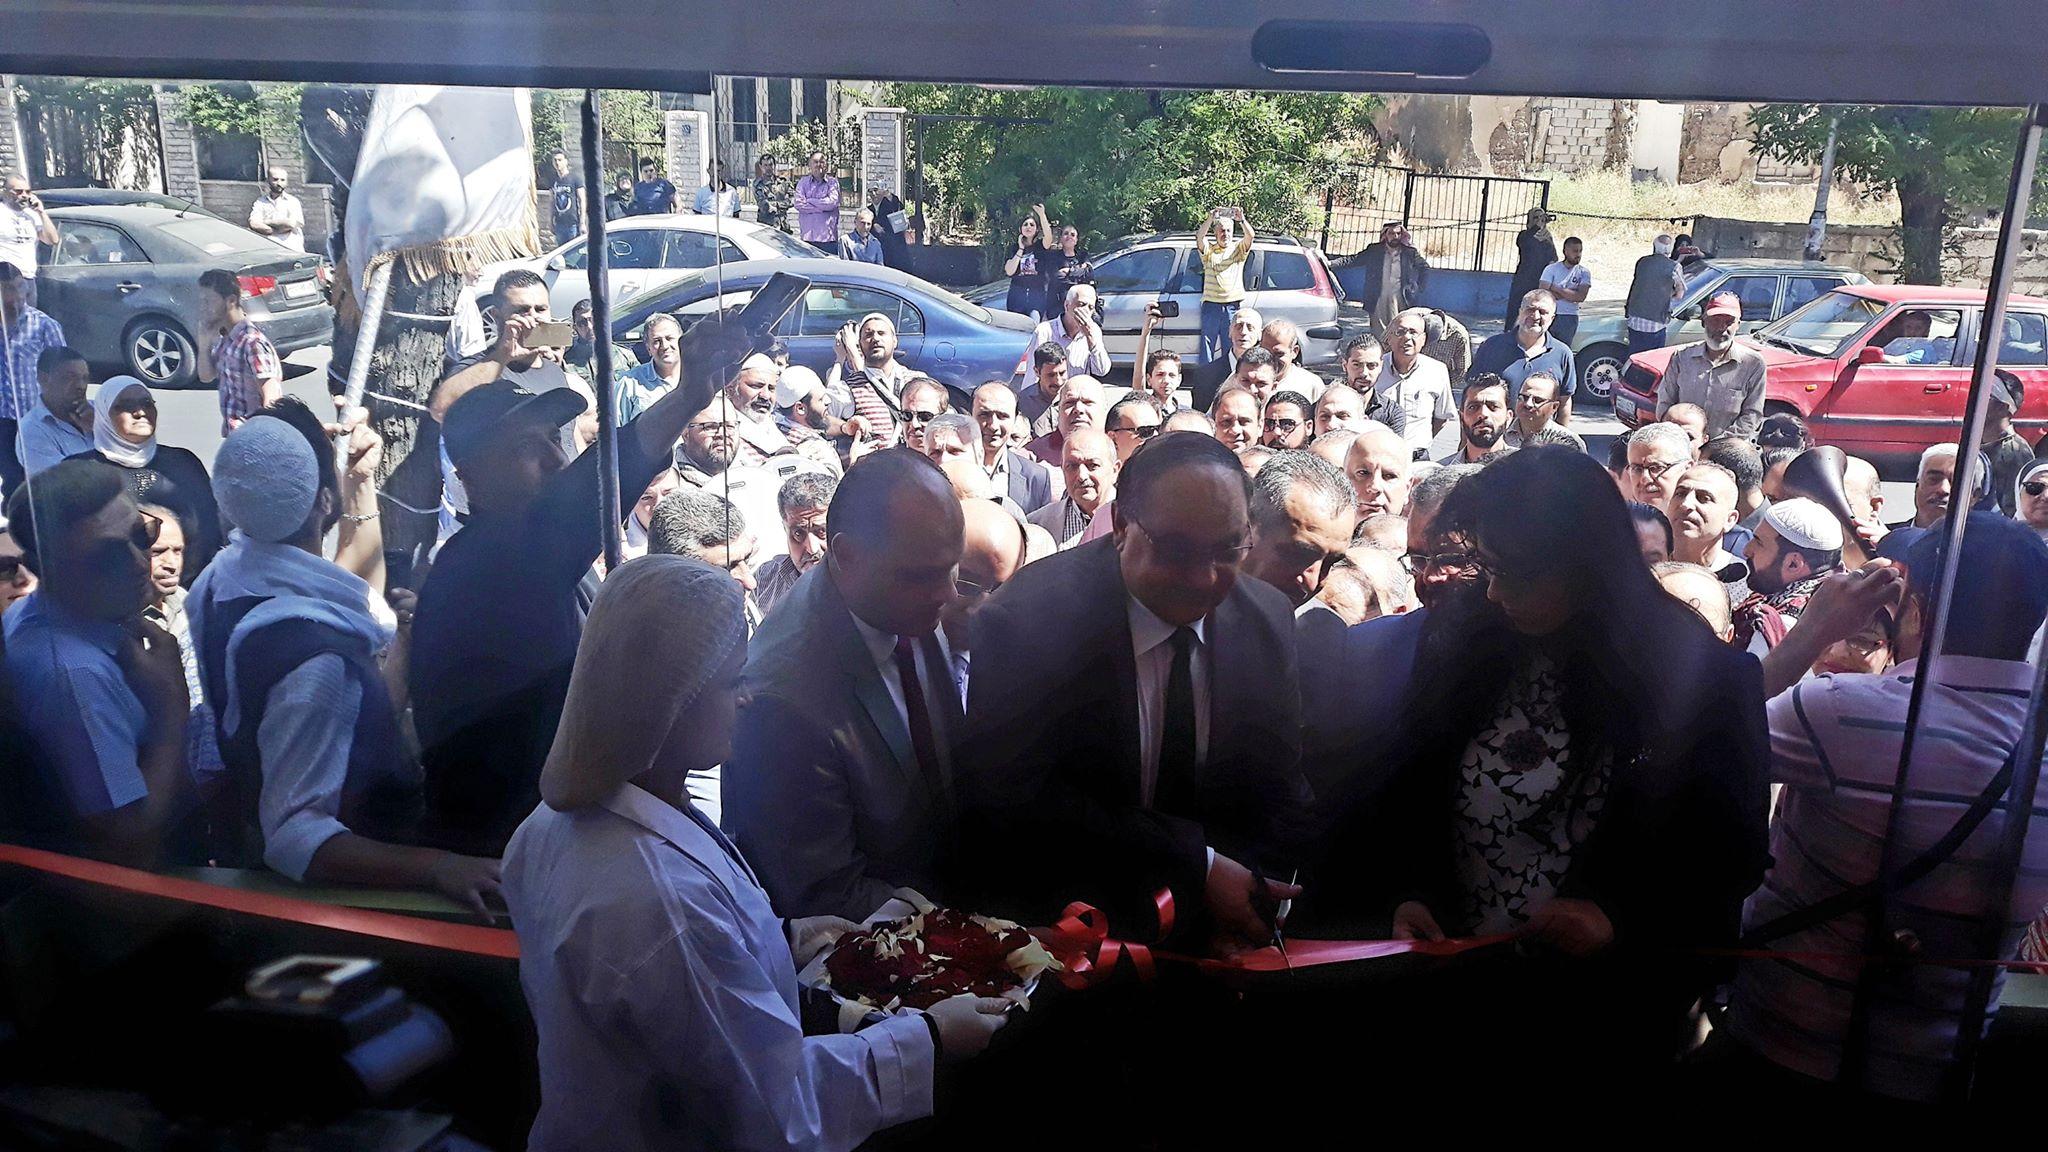 صورة الأولى خارج اللاذقية.. صالة لبيع منتجات مؤسسة المباقر في دمشق